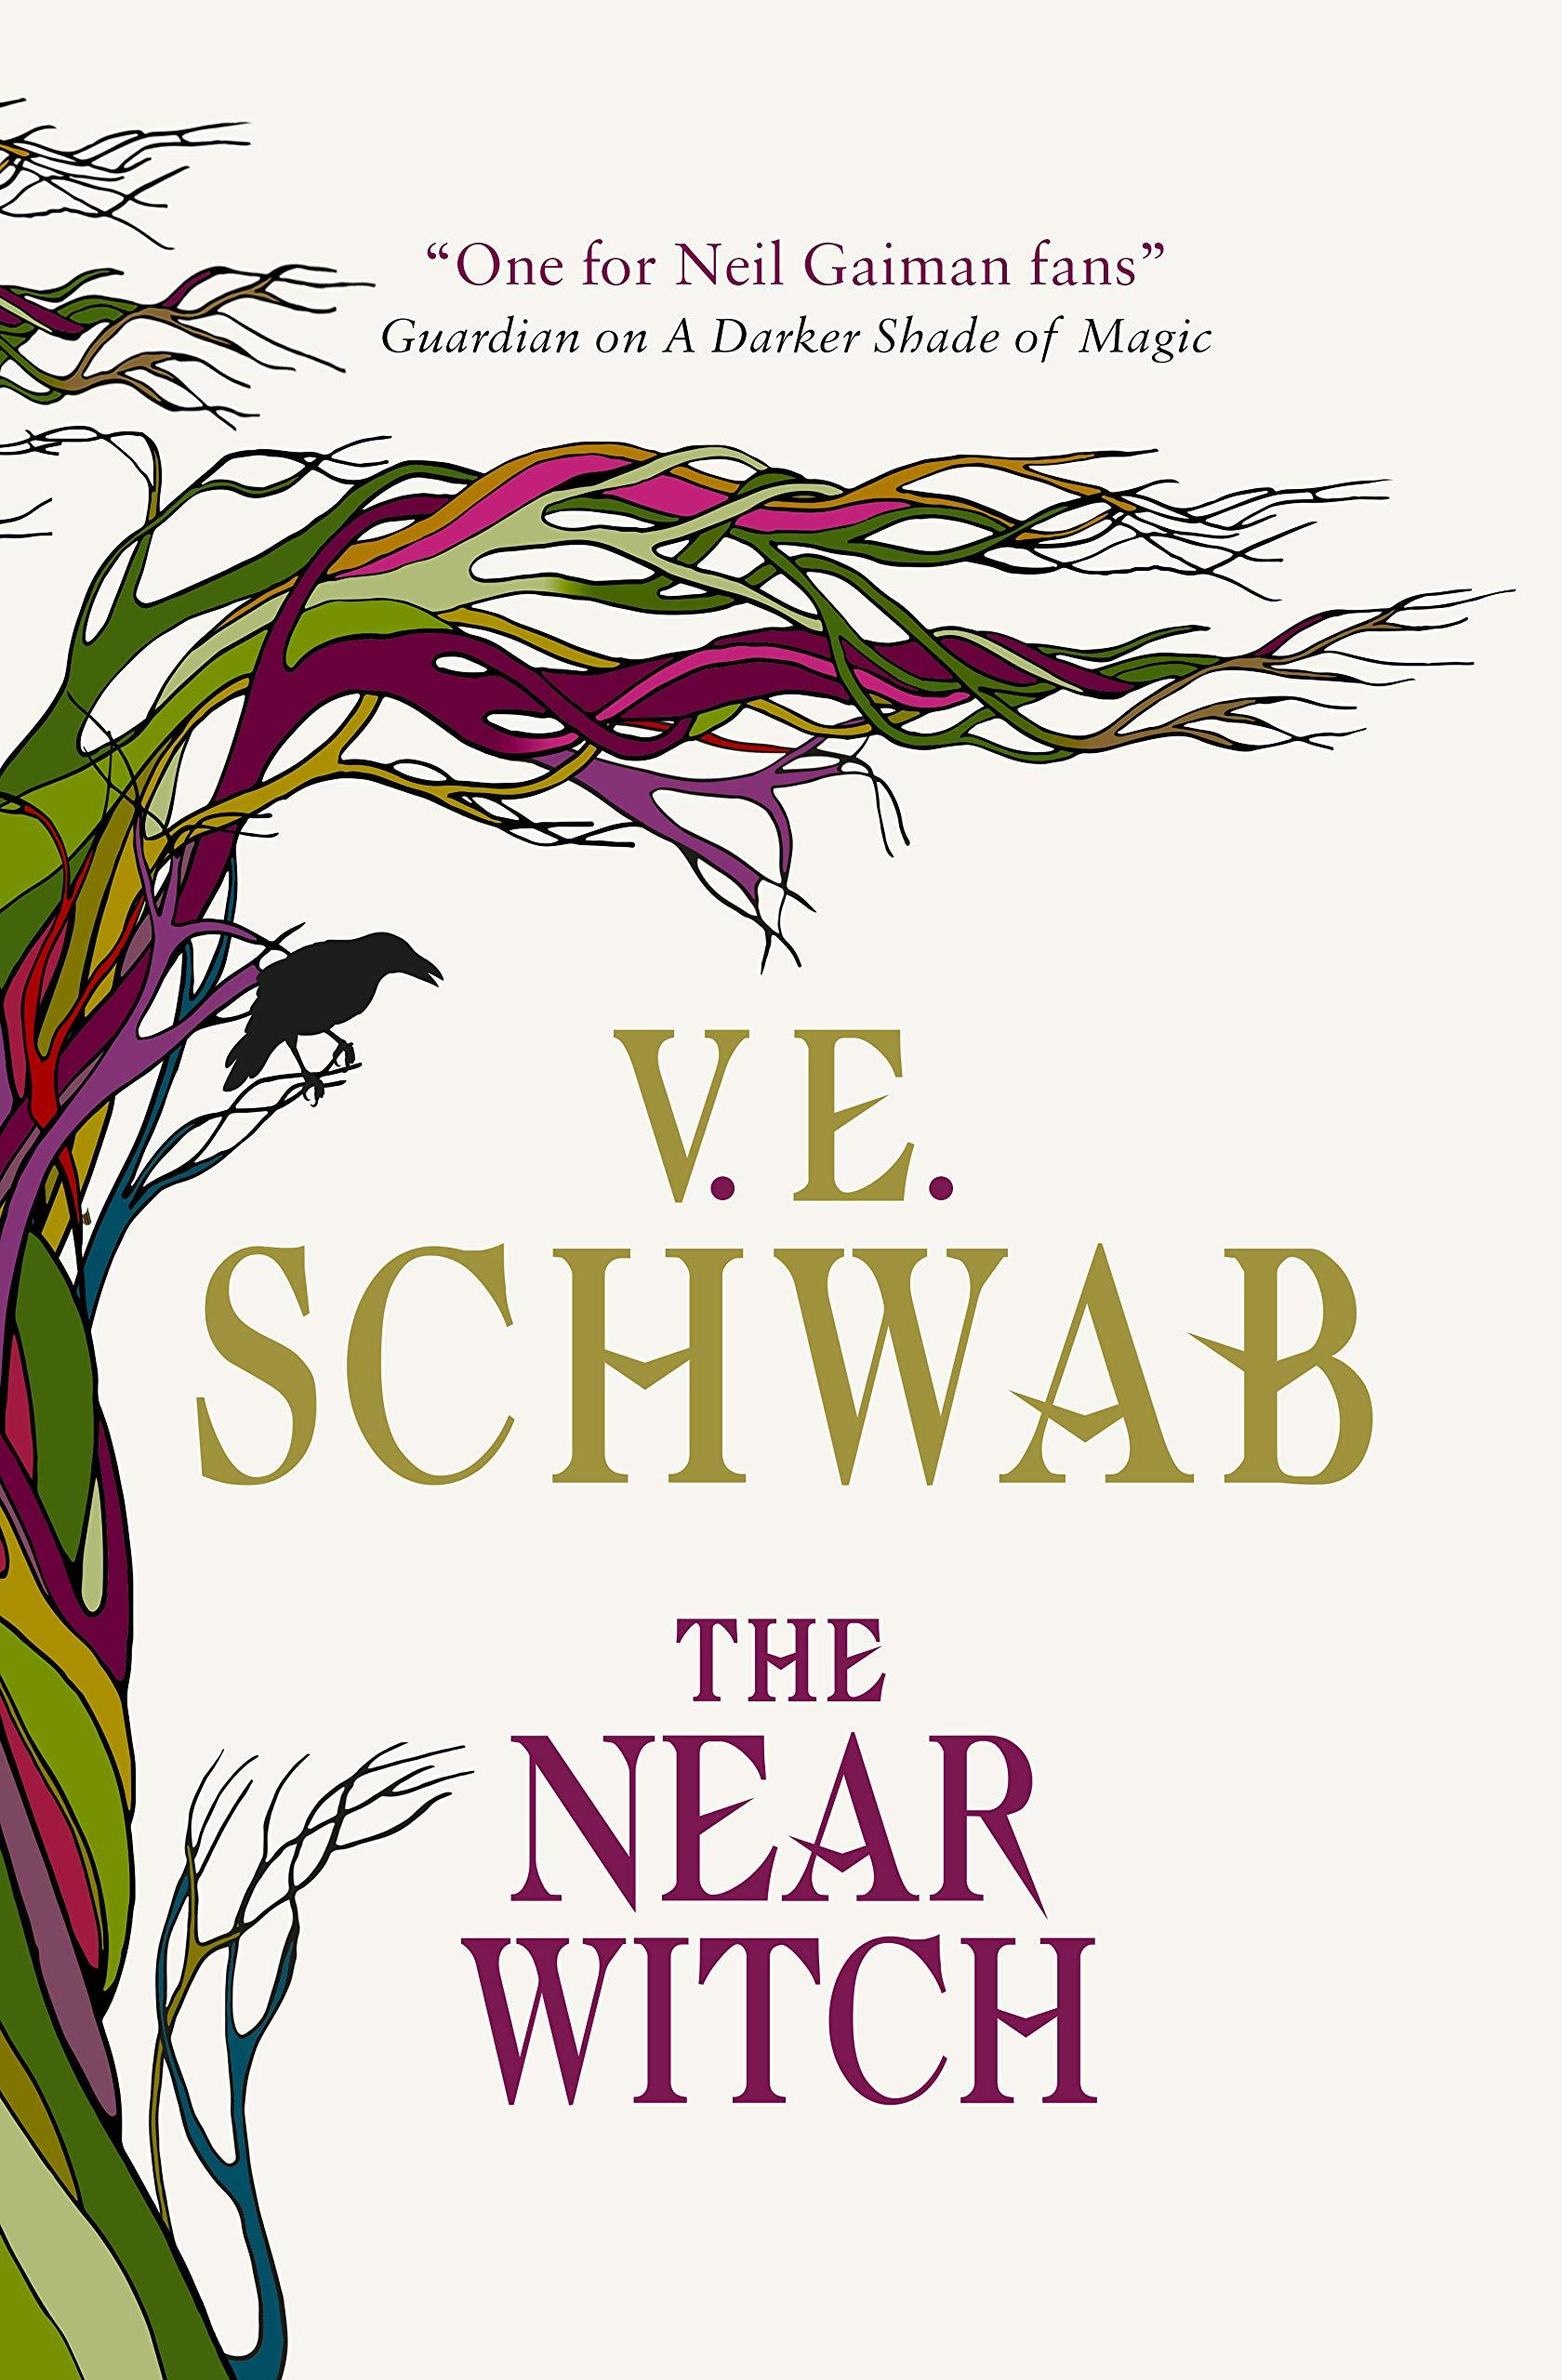 Amazon.com: The Near Witch (9781789091120): Schwab, V. E.: Books